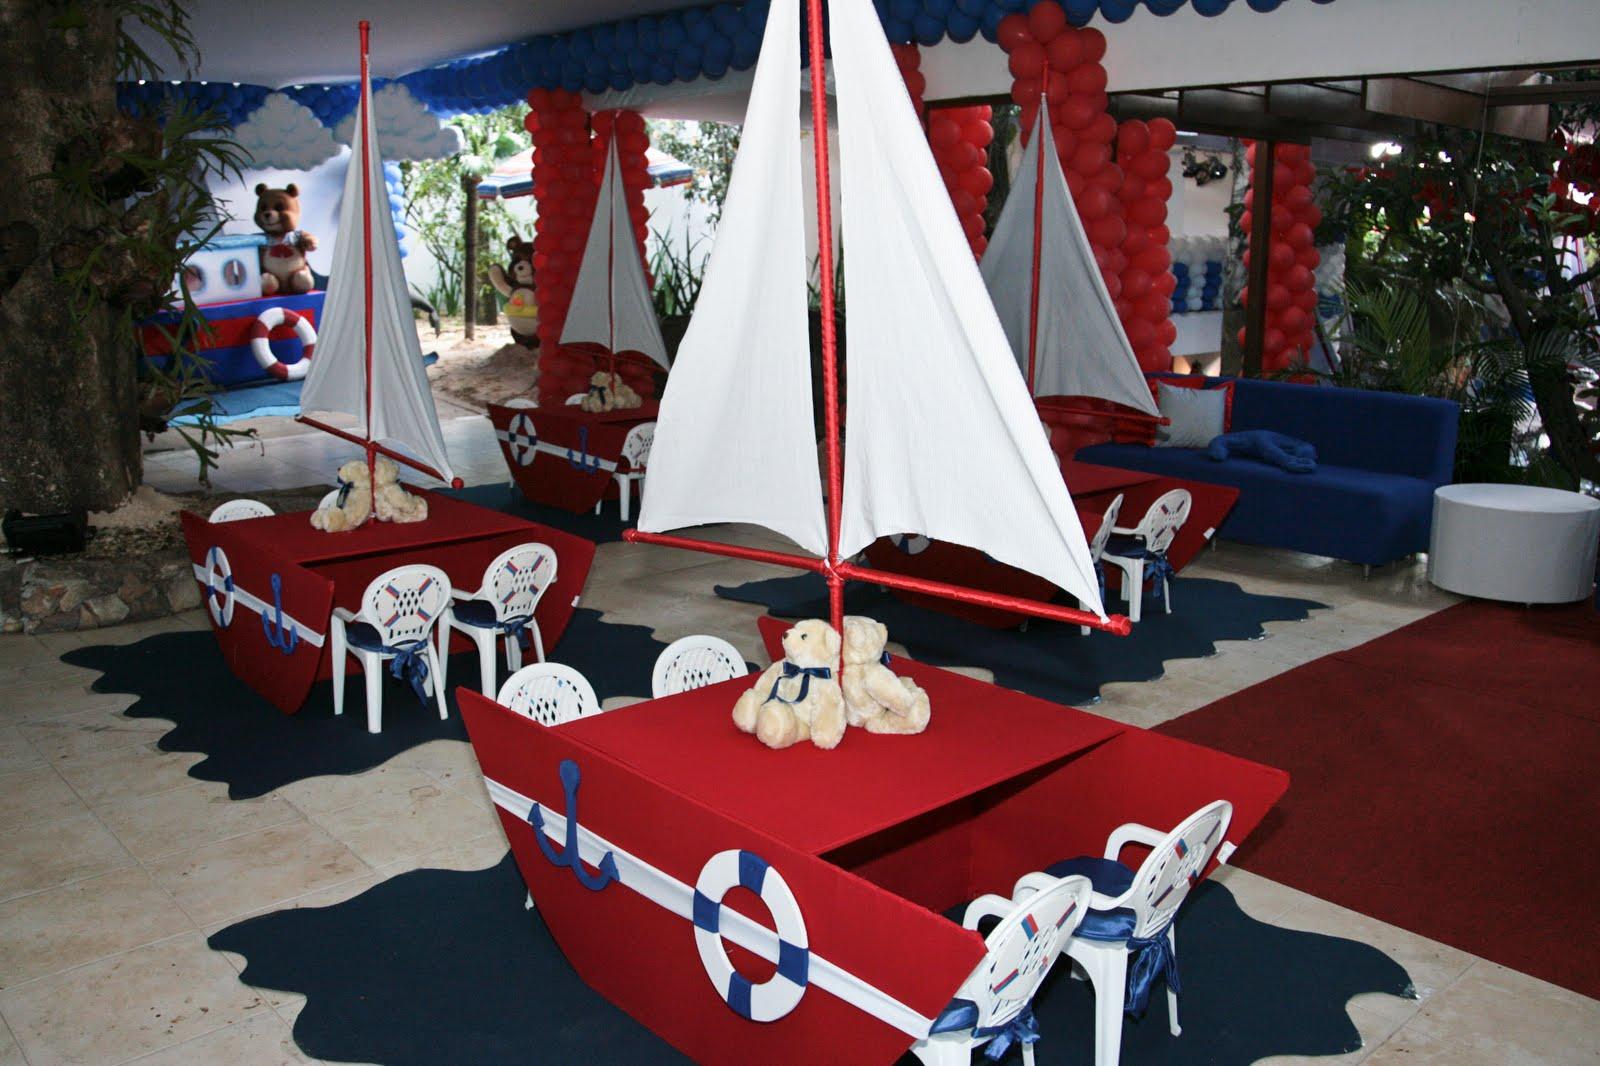 Splash party festas e eventos ursinho marinheiro ursinho marinheiro thecheapjerseys Image collections